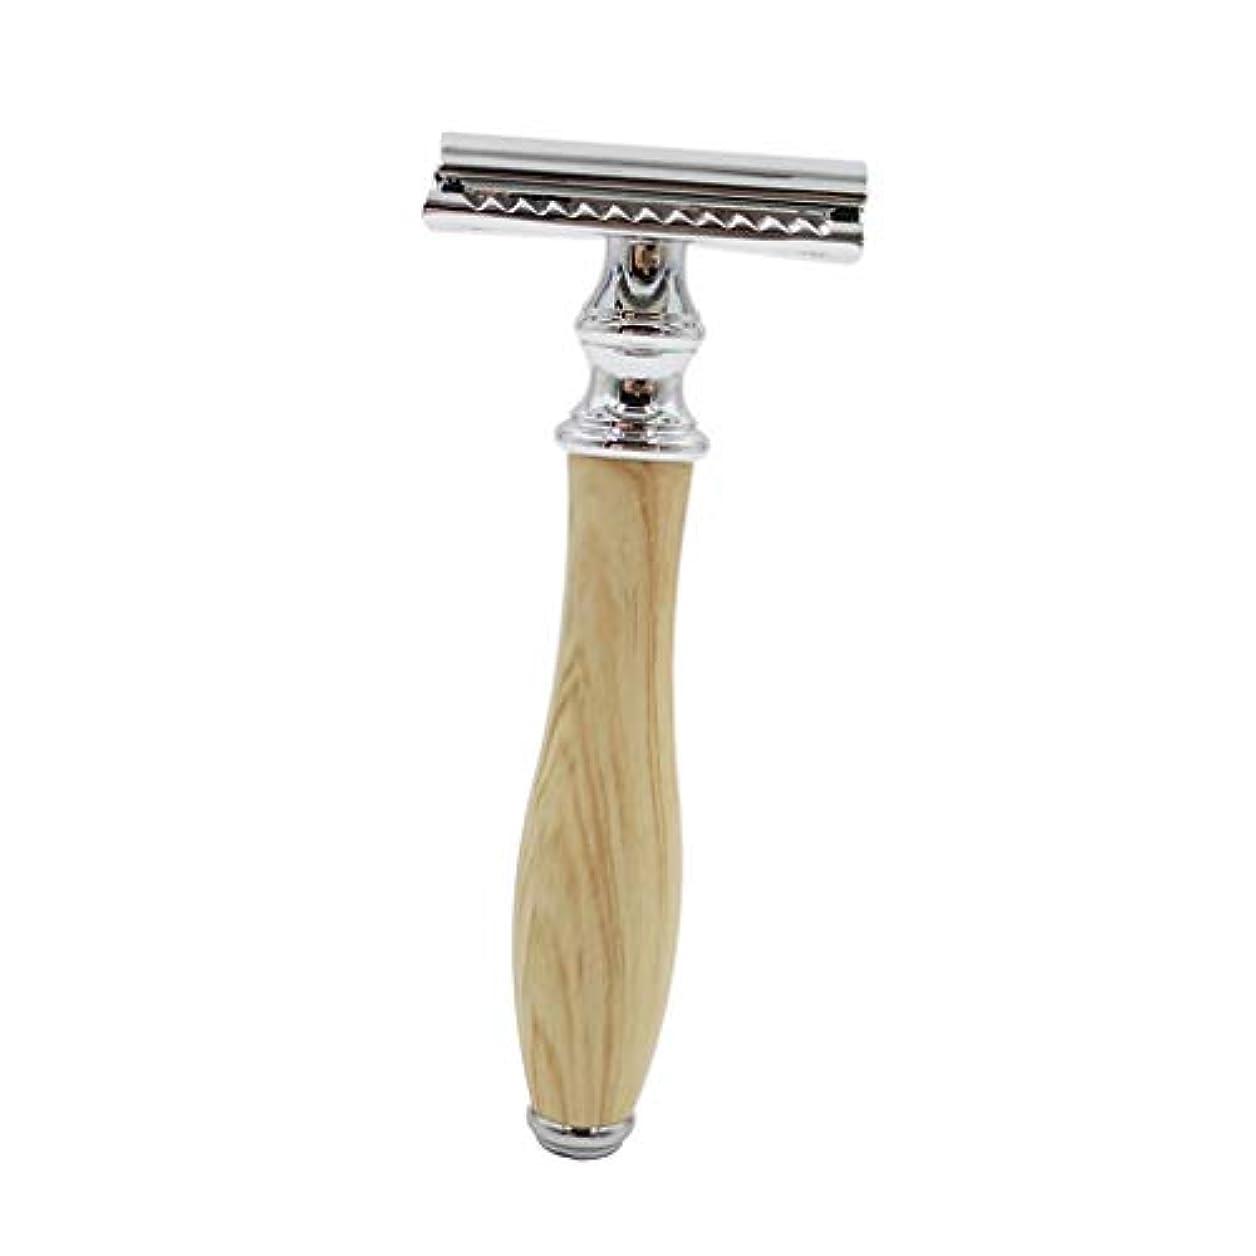 必要としている一握り相続人剃刀 男性 手動シェーバー ダブルエッジ シェービングかみそり 快適な ひげ剃り 全2色 - ベージュ